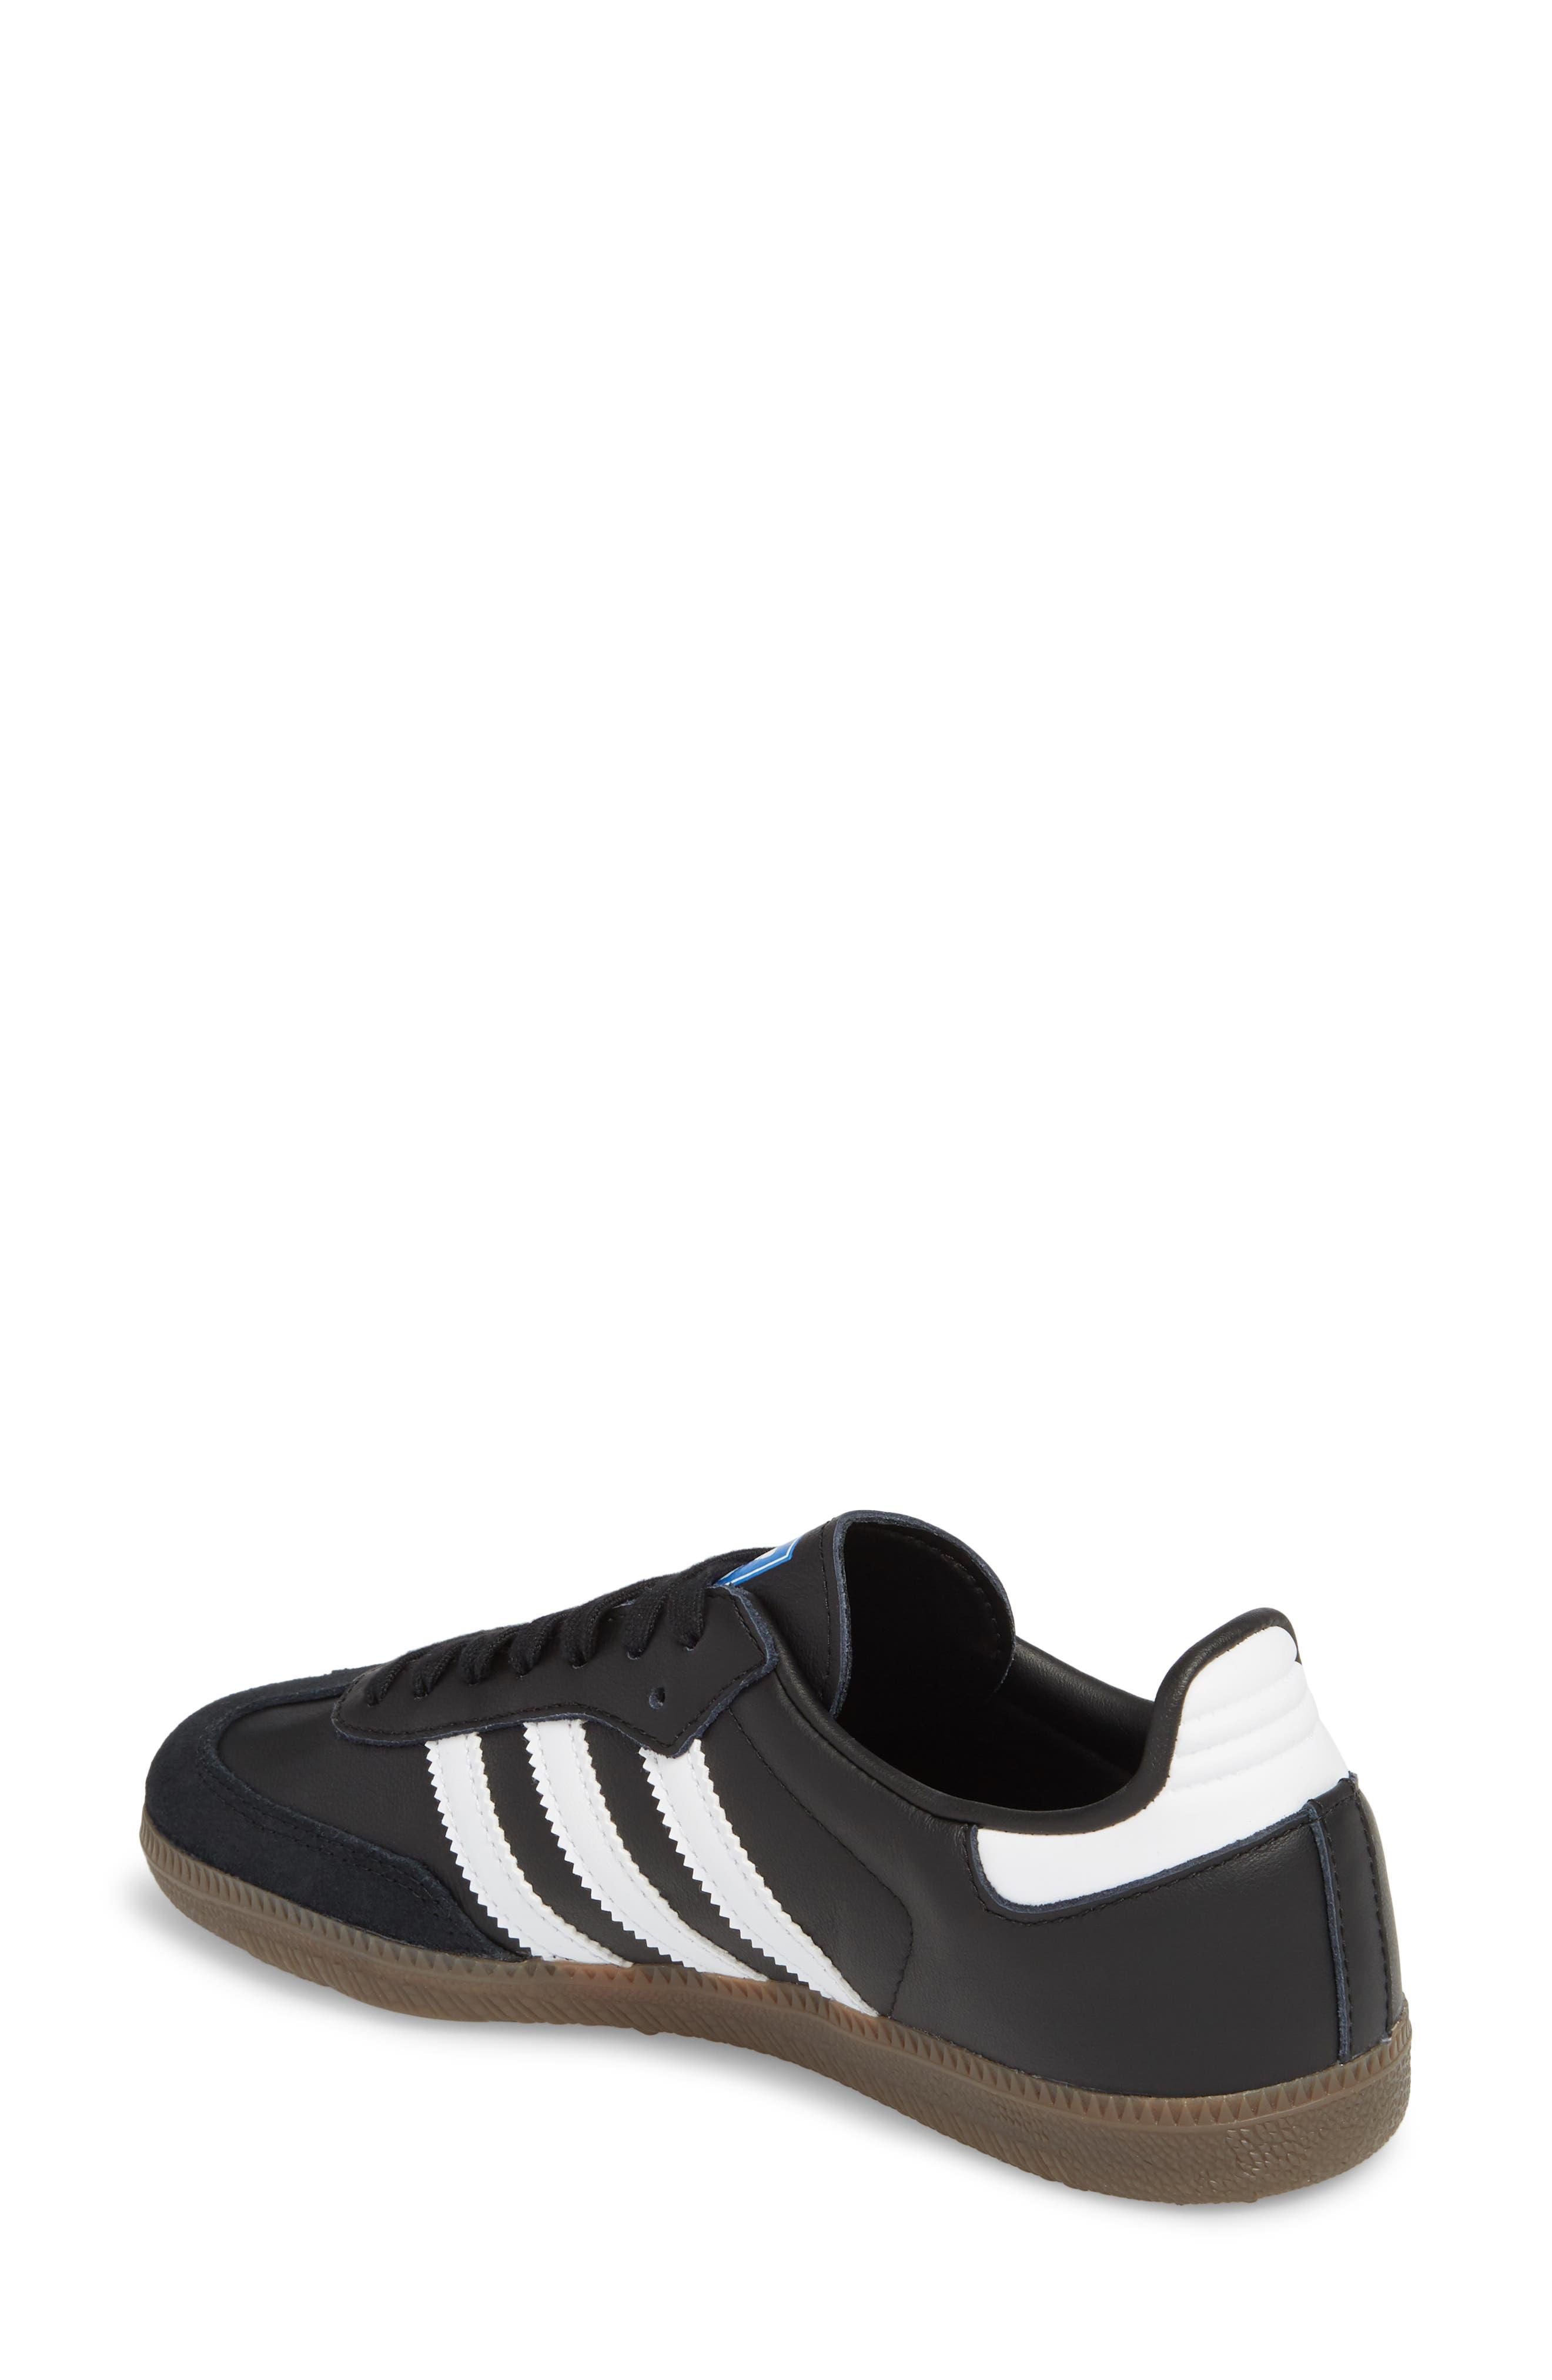 'Samba' Sneaker,                             Alternate thumbnail 2, color,                             BLACK/ WHITE/ GUM5